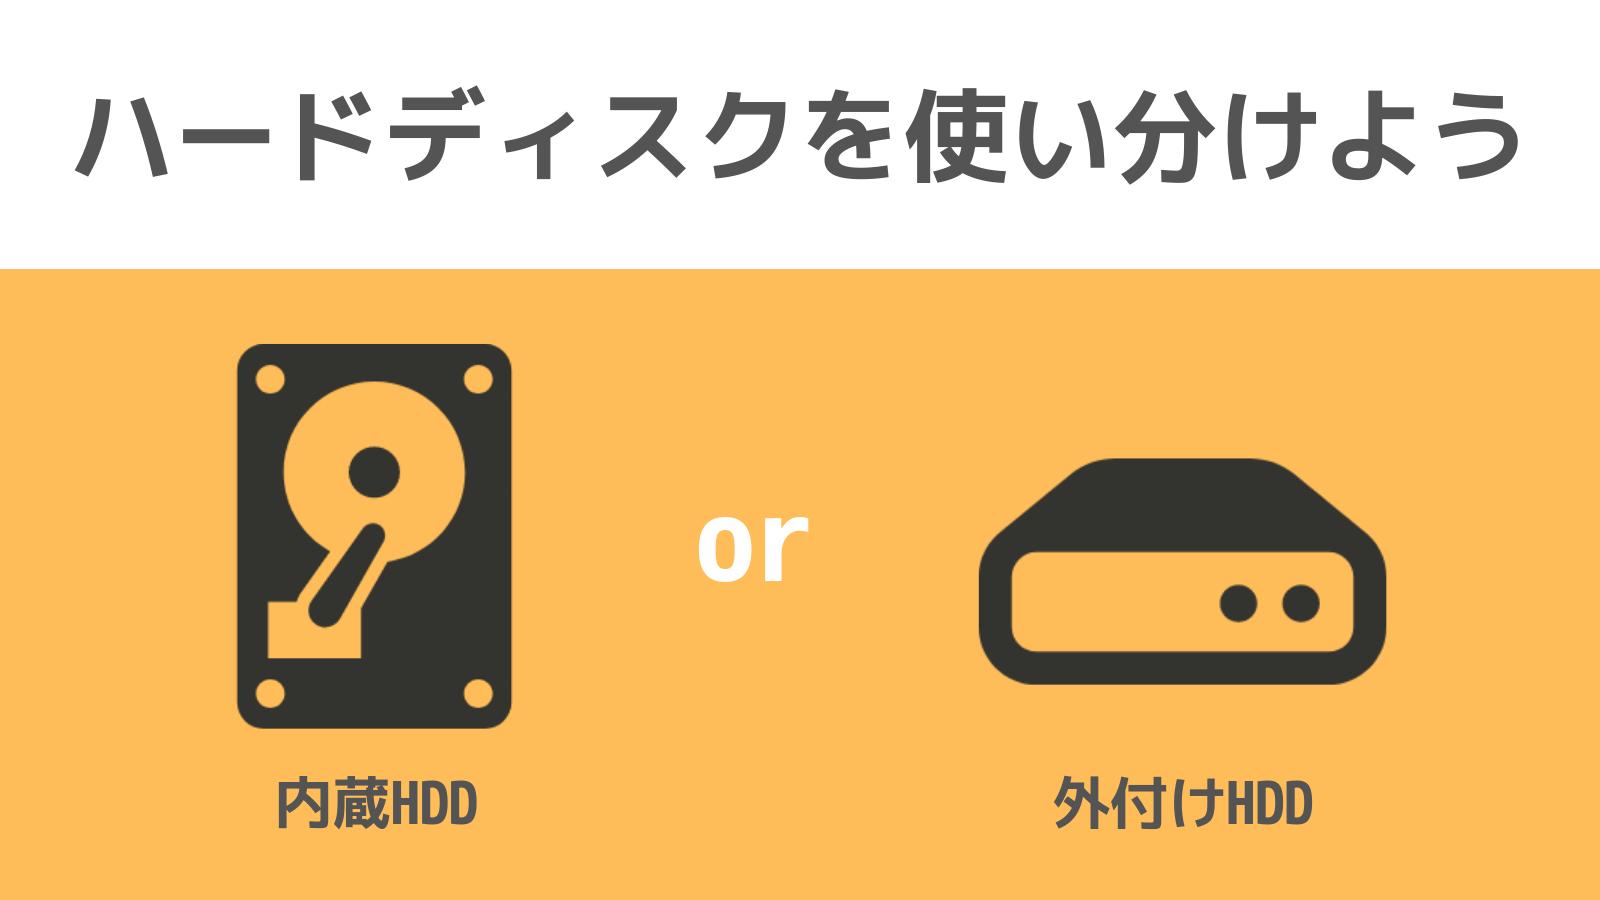 ハードディスクの使い分け